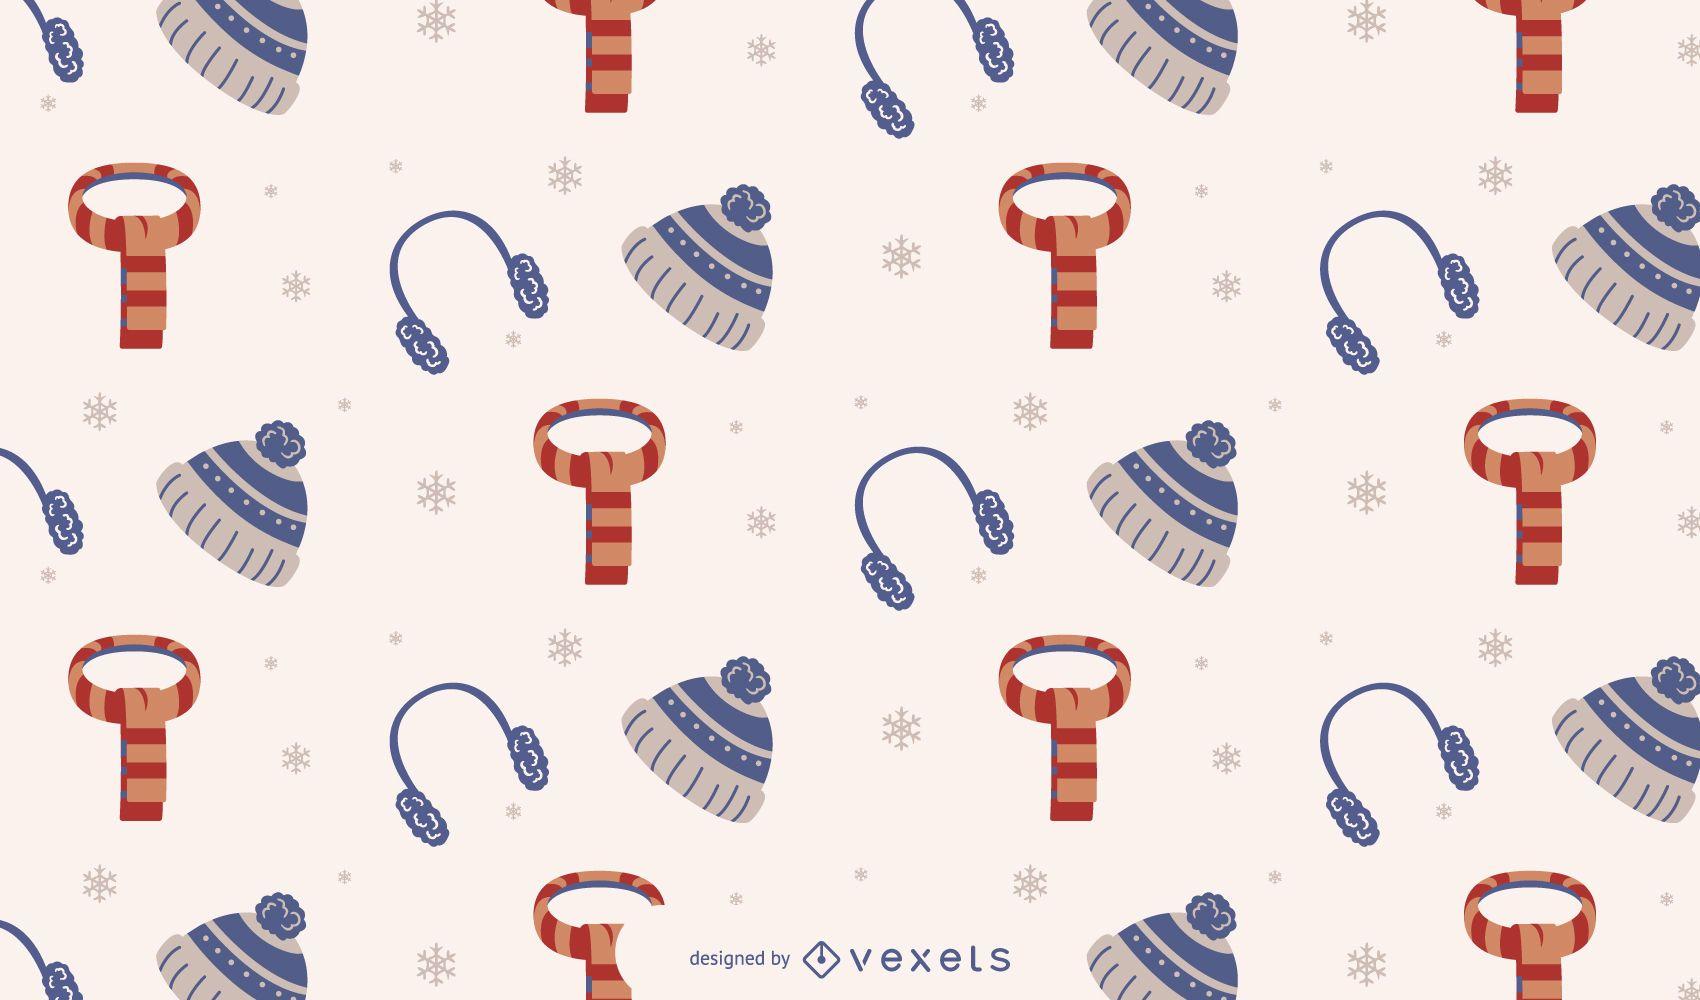 Diseño de patrón de temporada de invierno